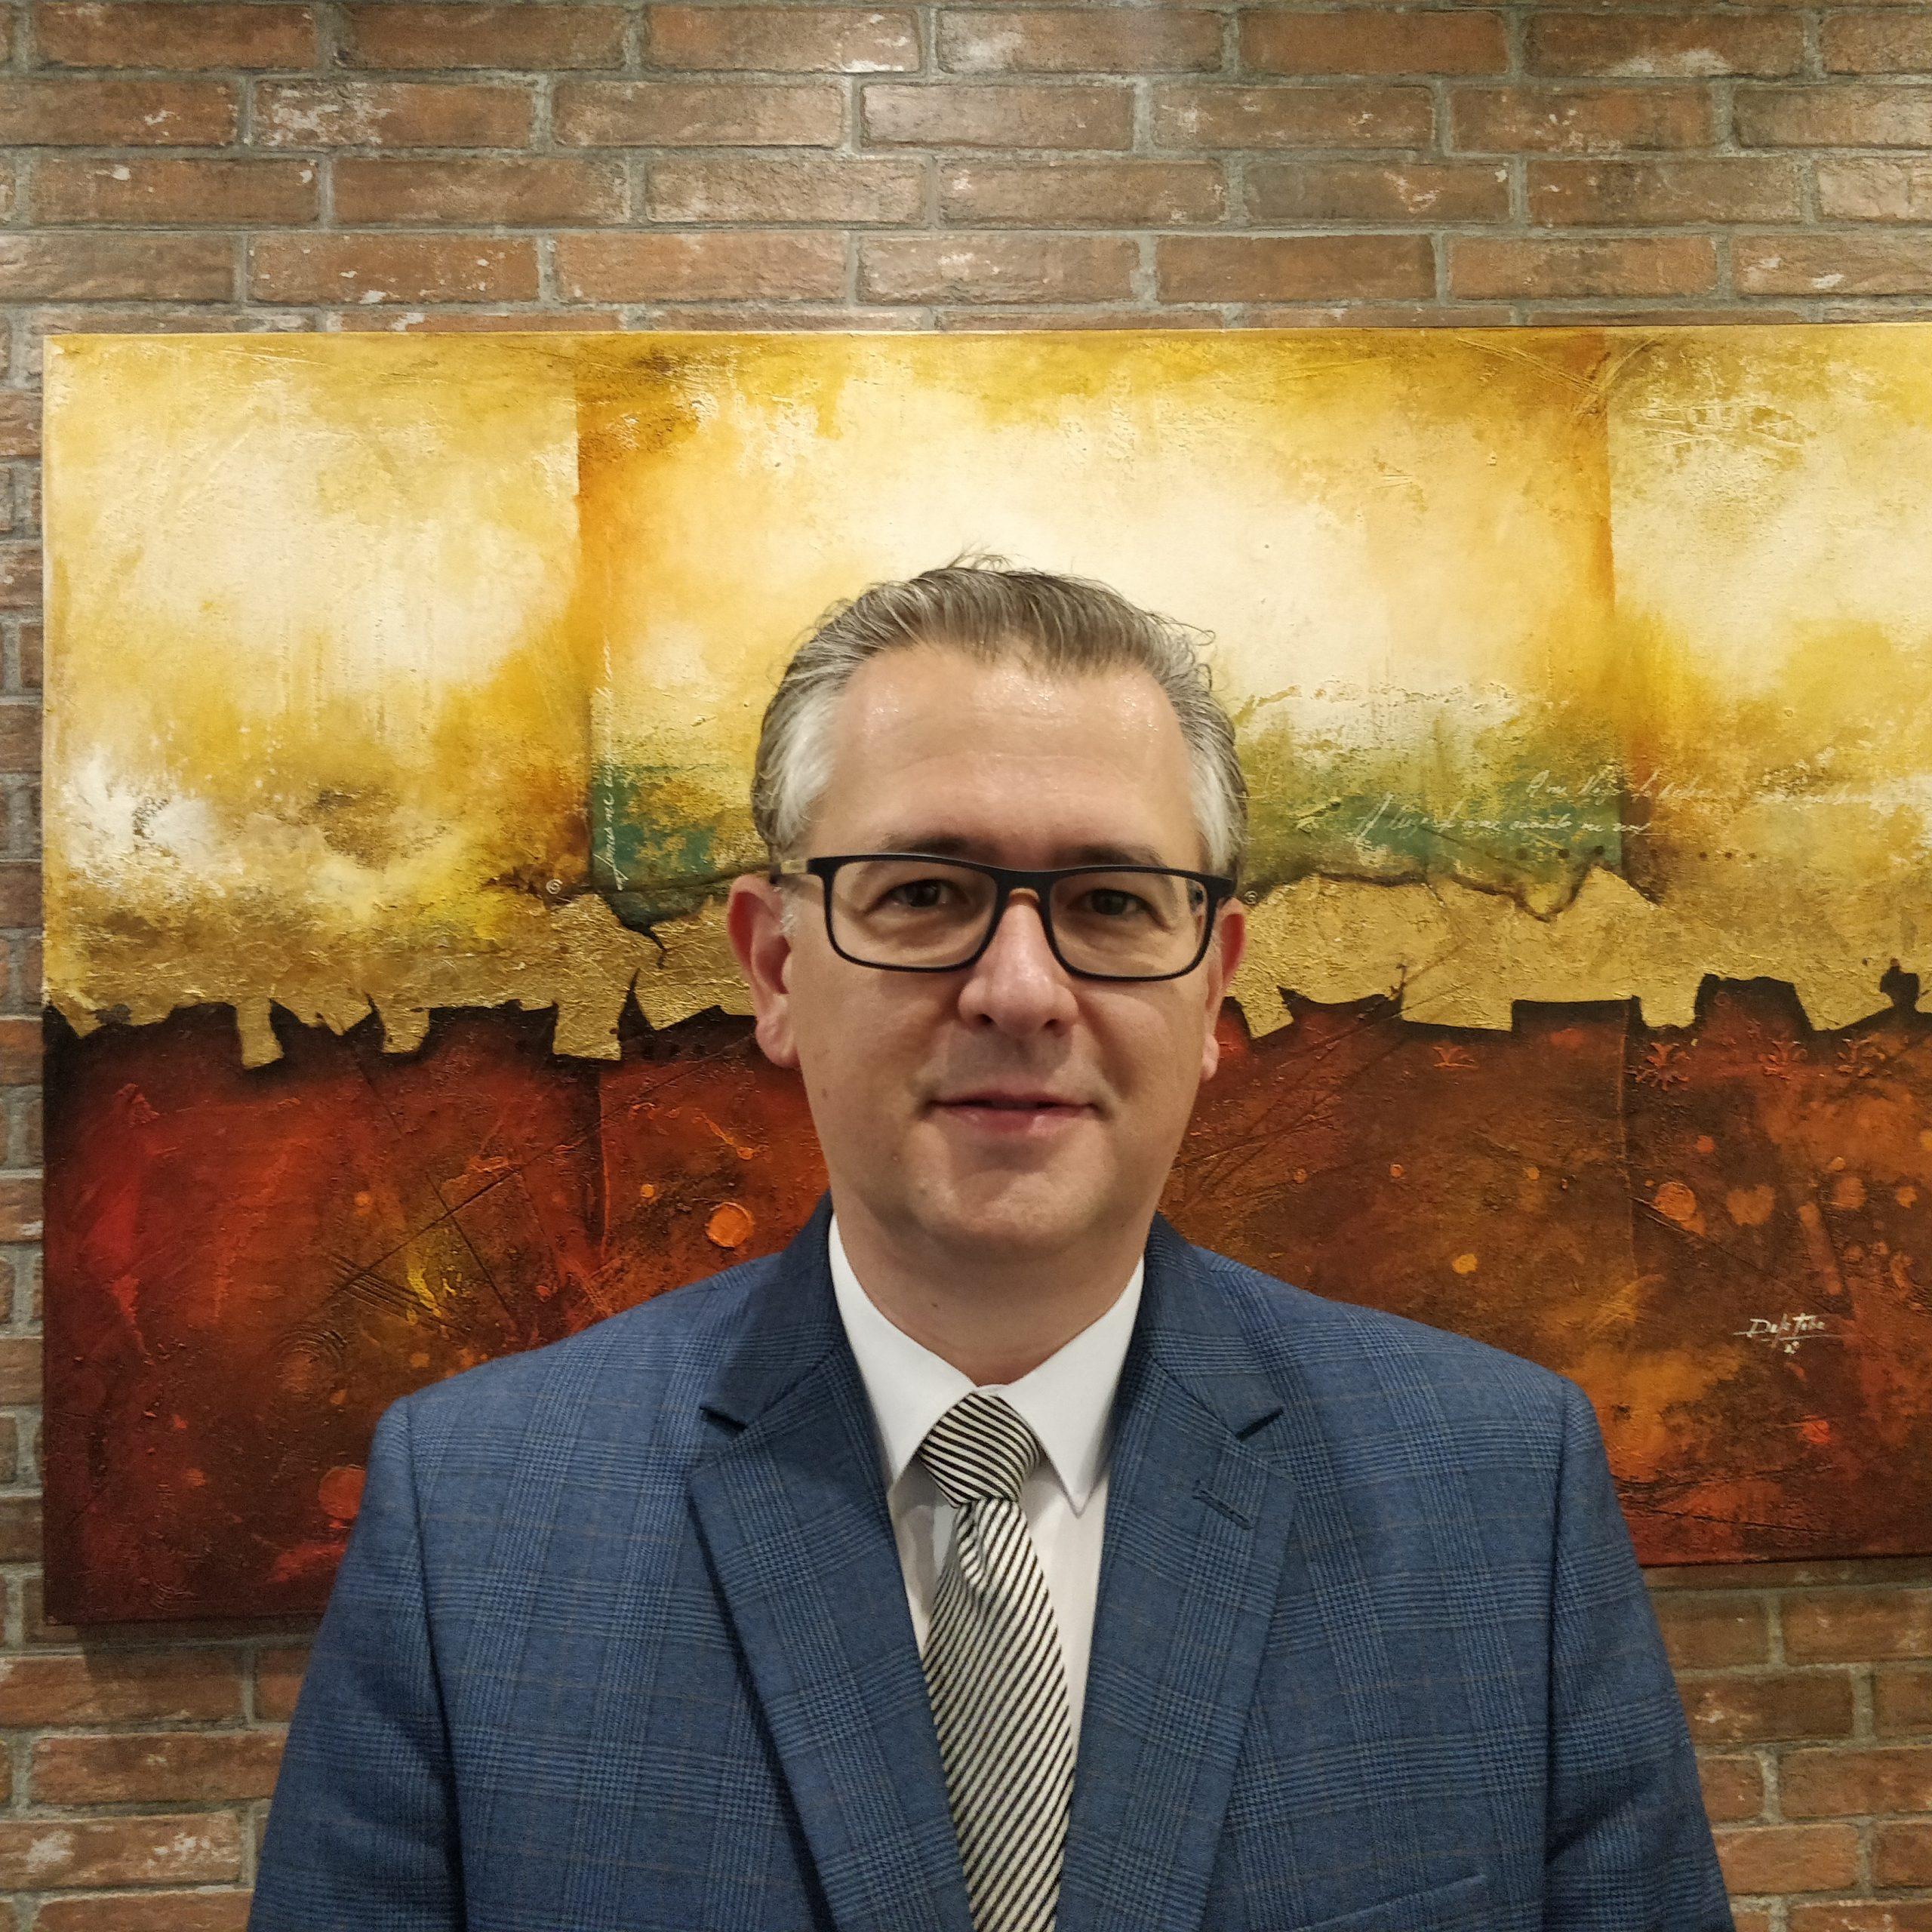 Javier Fuentes Alanís